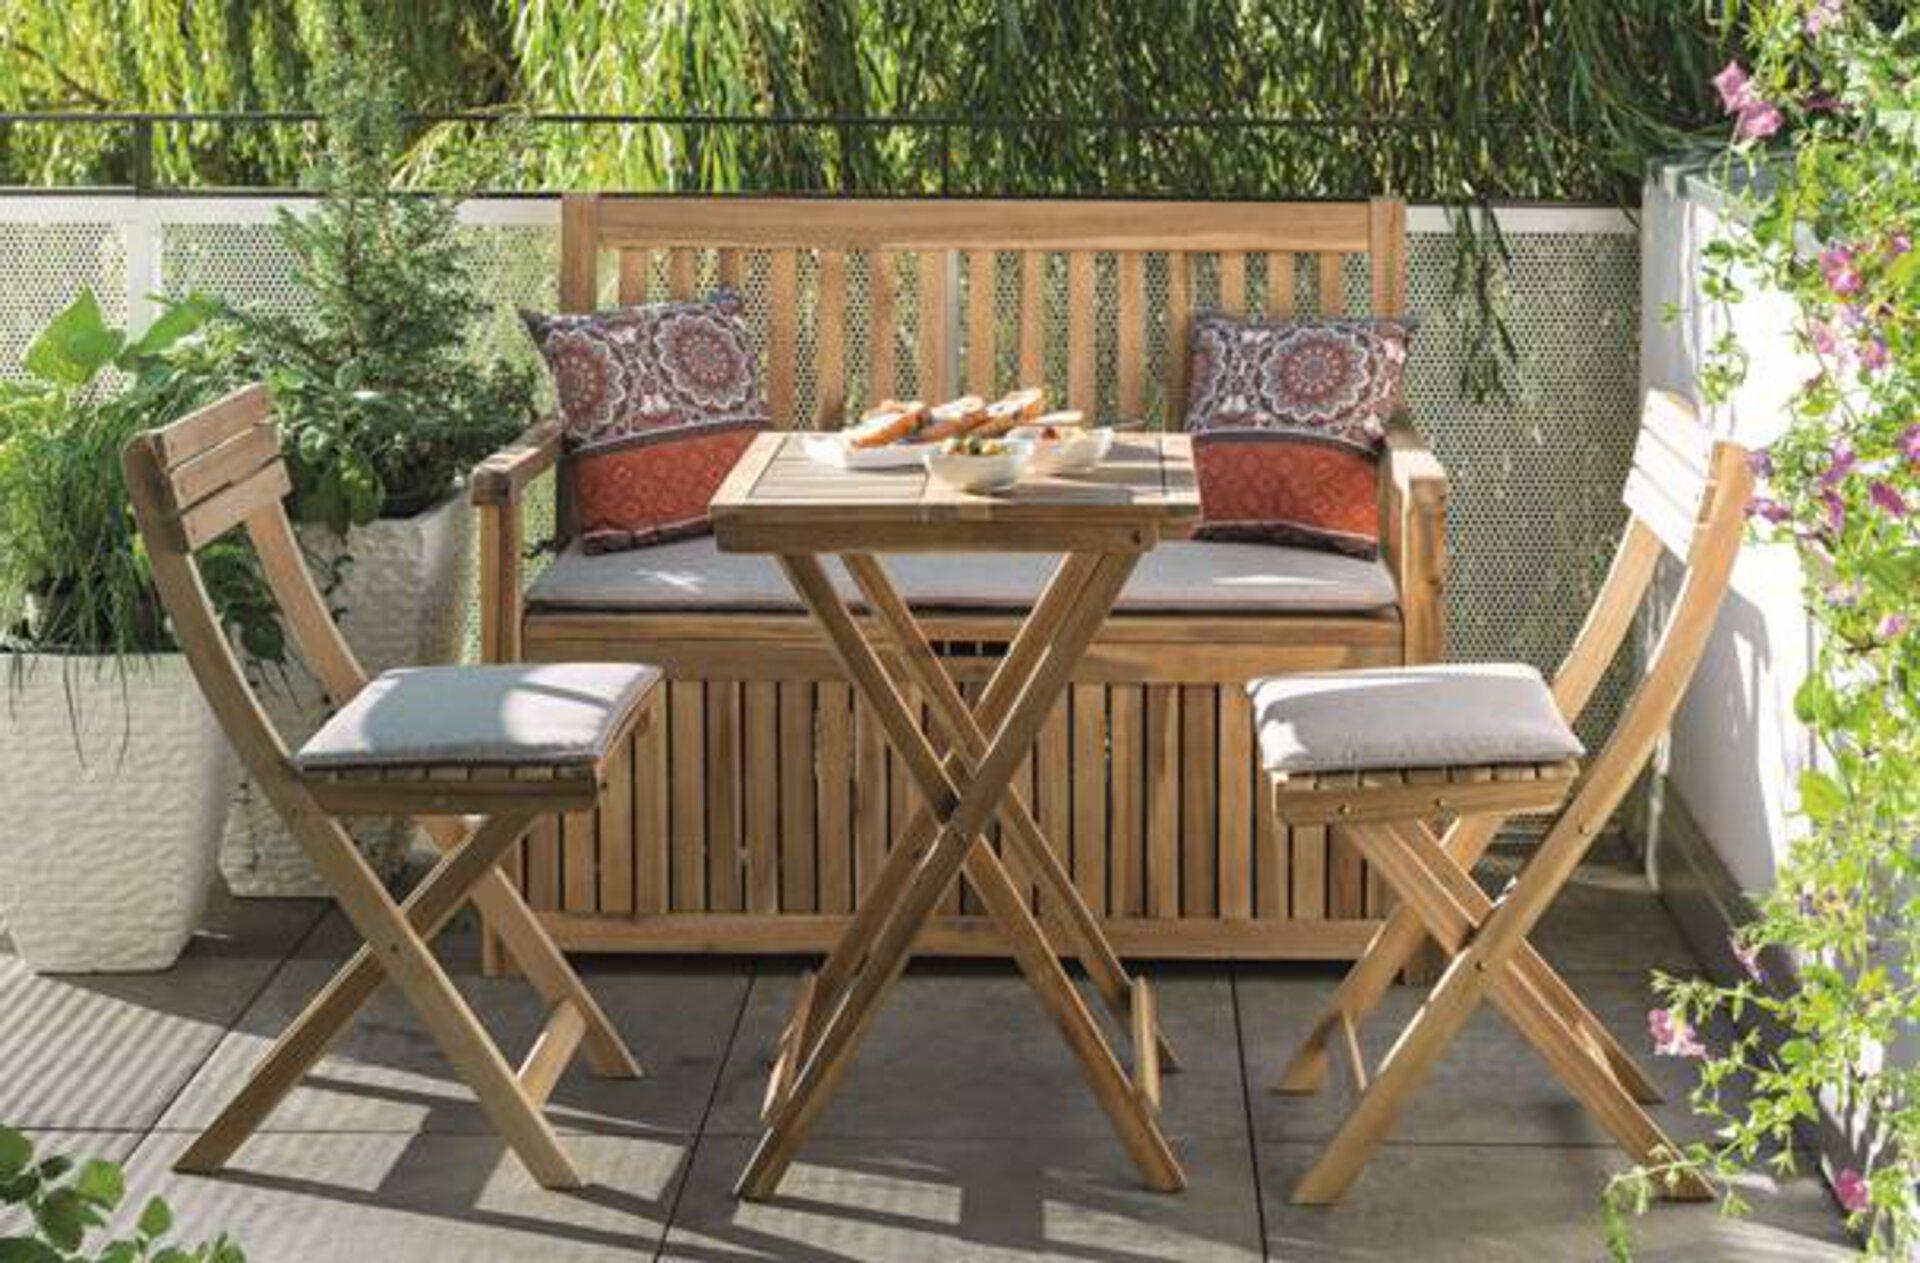 Auch im Outdoorbereich eigen sich Micro Living Möbel. Holen Sie sich weitere Inspiration von den Möbel Inhofer Einrichtungsfachberater.